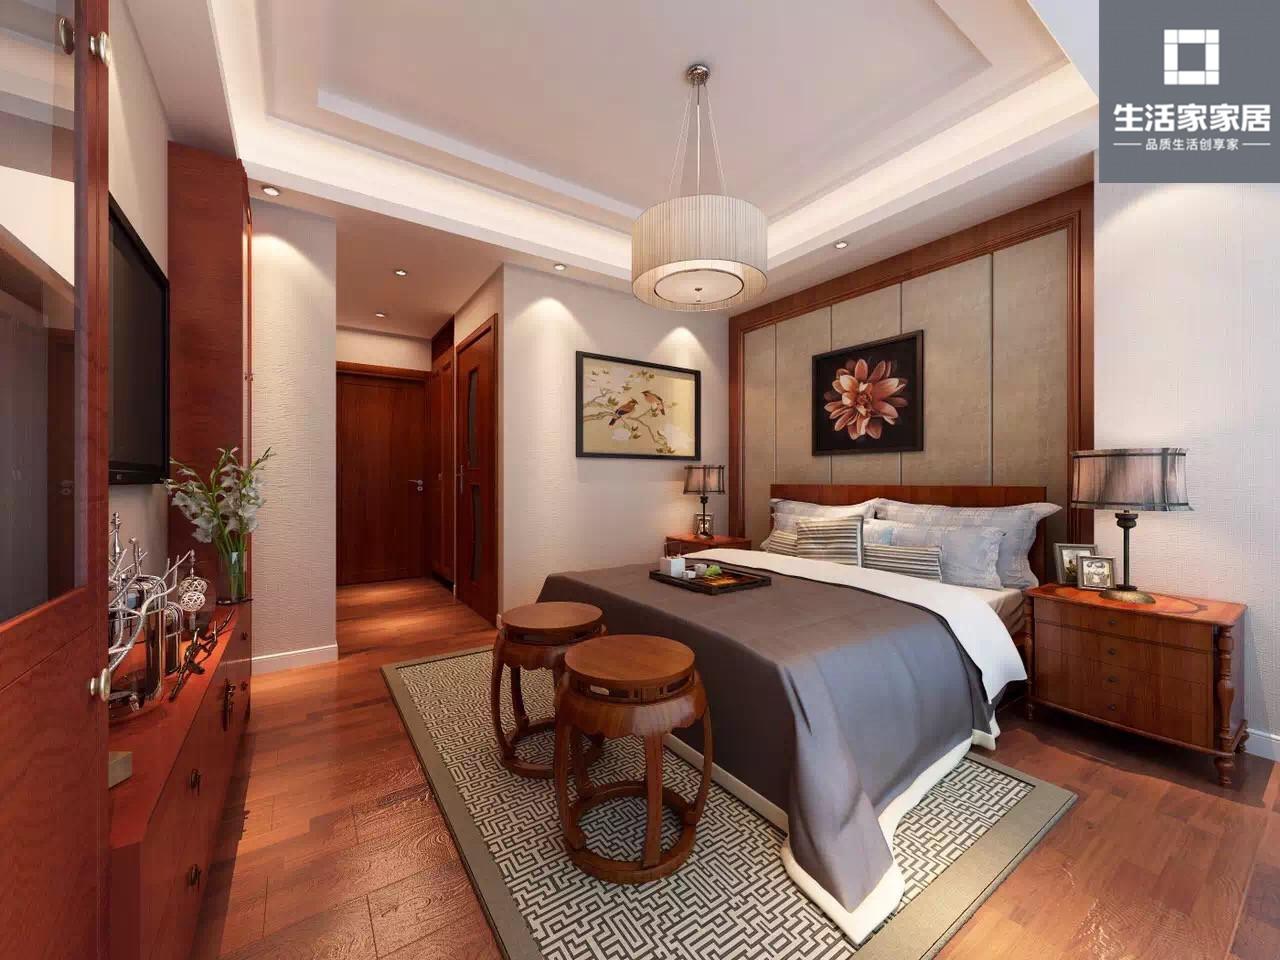 中式 典雅 收纳 卧室图片来自武汉生活家在卧龙丽景湾三室两厅110平中式的分享